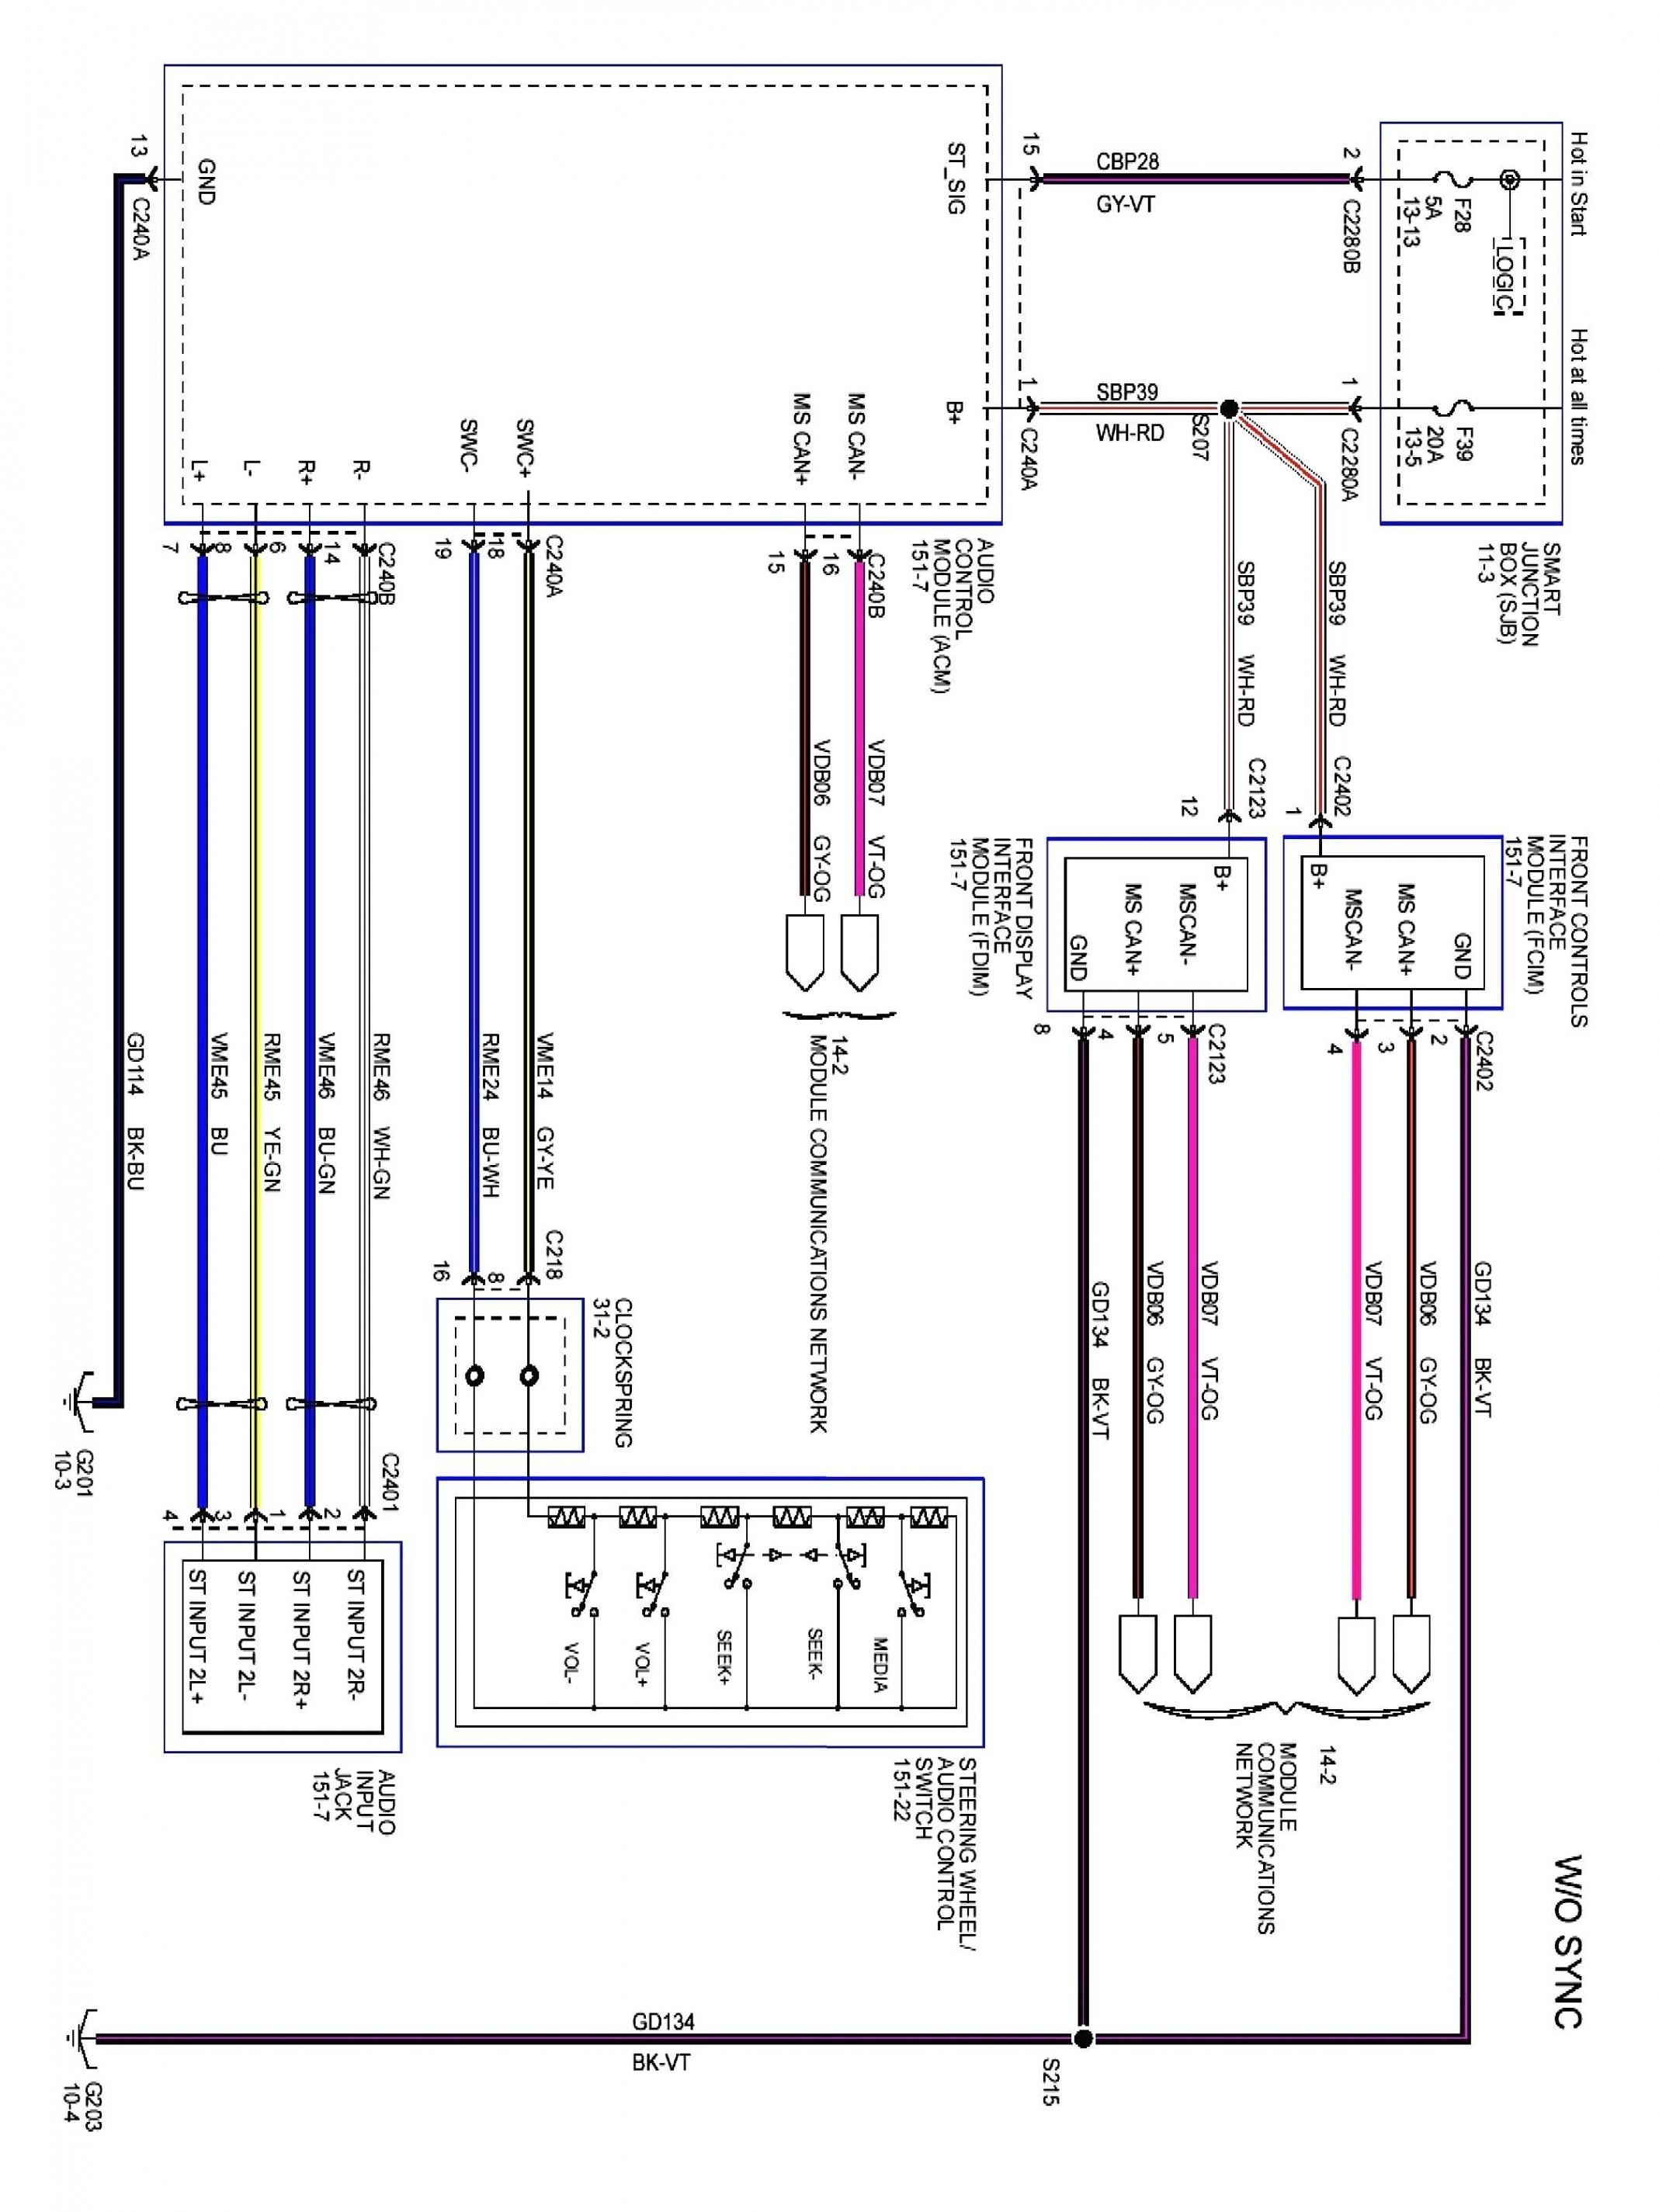 Light Wiring Diagram 2000 Bmw 323i 24v E Scooter Wiring Diagram Loader Yenpancane Jeanjaures37 Fr